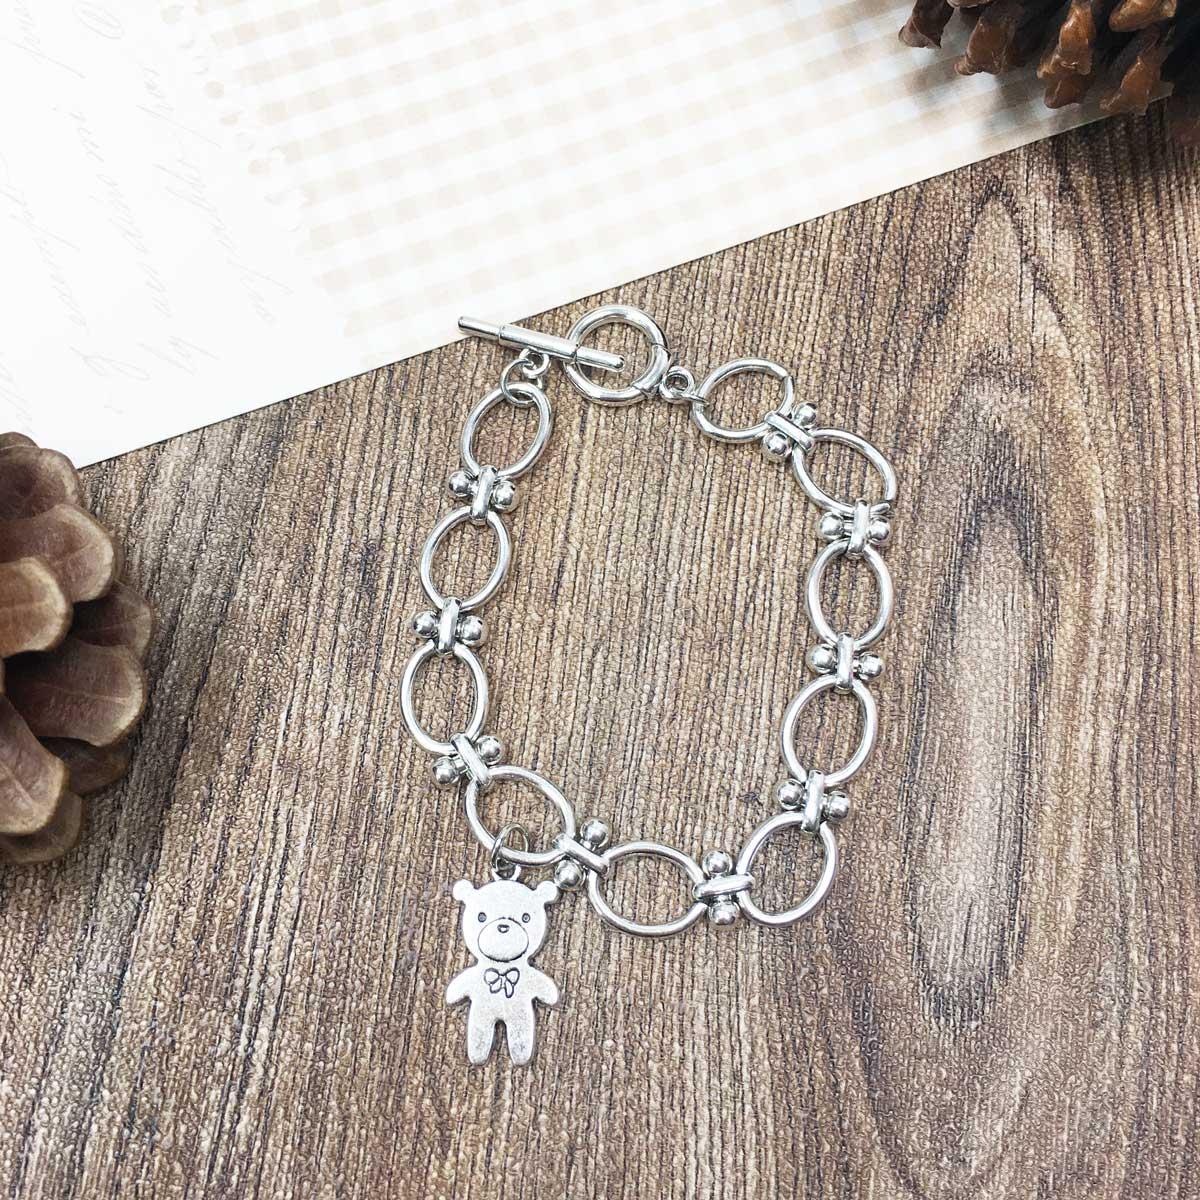 熊熊吊飾 扣環 圈圈 銀色 手環 抗敏電鍍手鍊